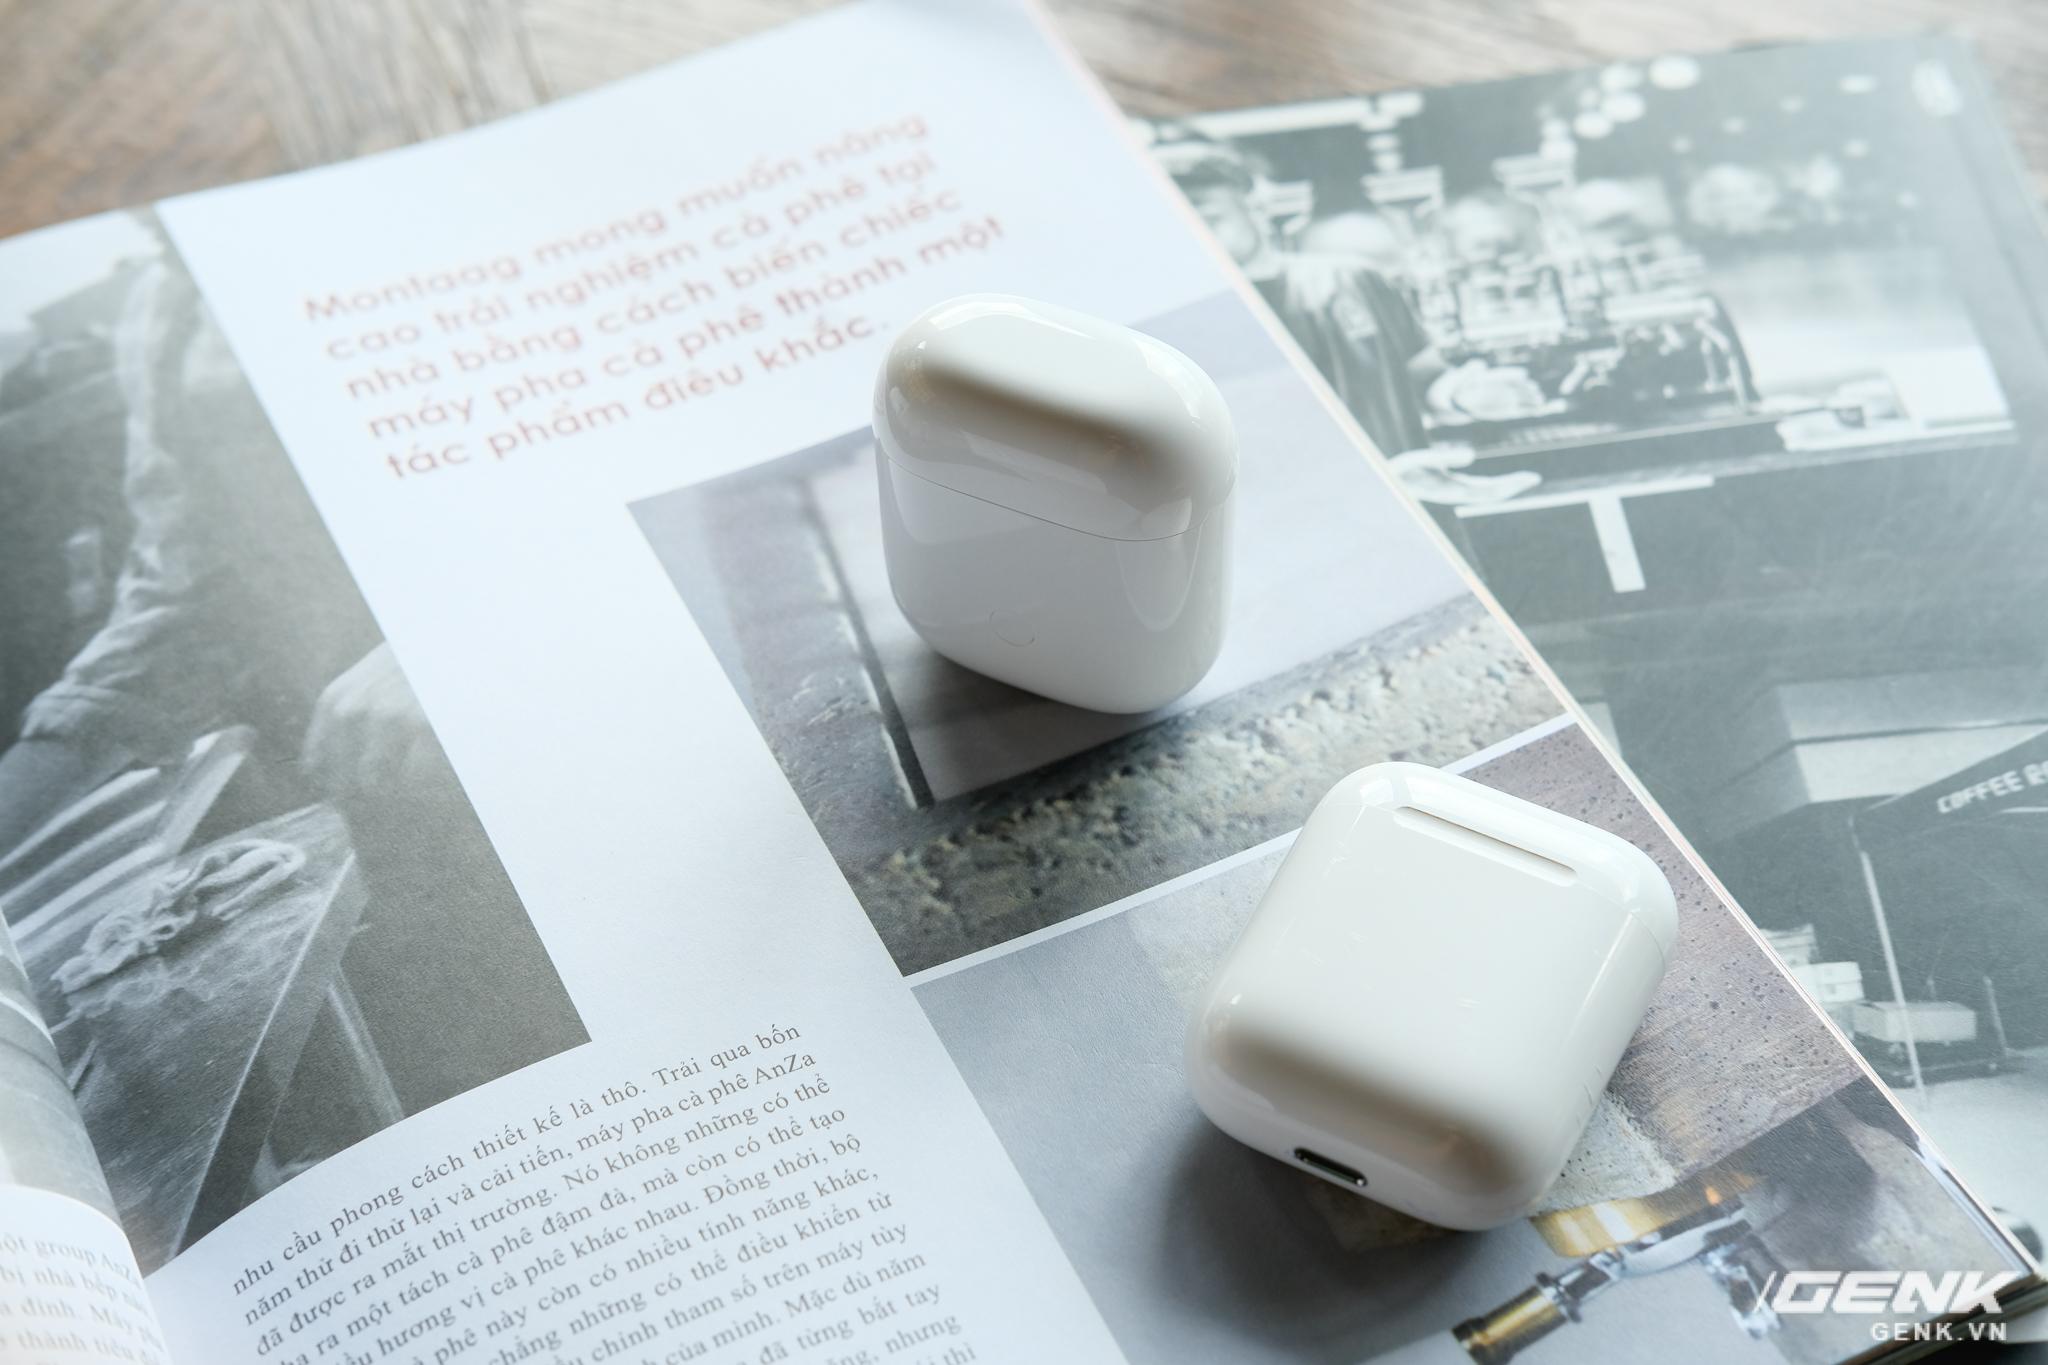 Trên tay tai nghe không dây Realme Buds Air Neo: Thoạt nhìn tưởng AirPods, có điều giá chưa đến 2 triệu đồng - Ảnh 9.